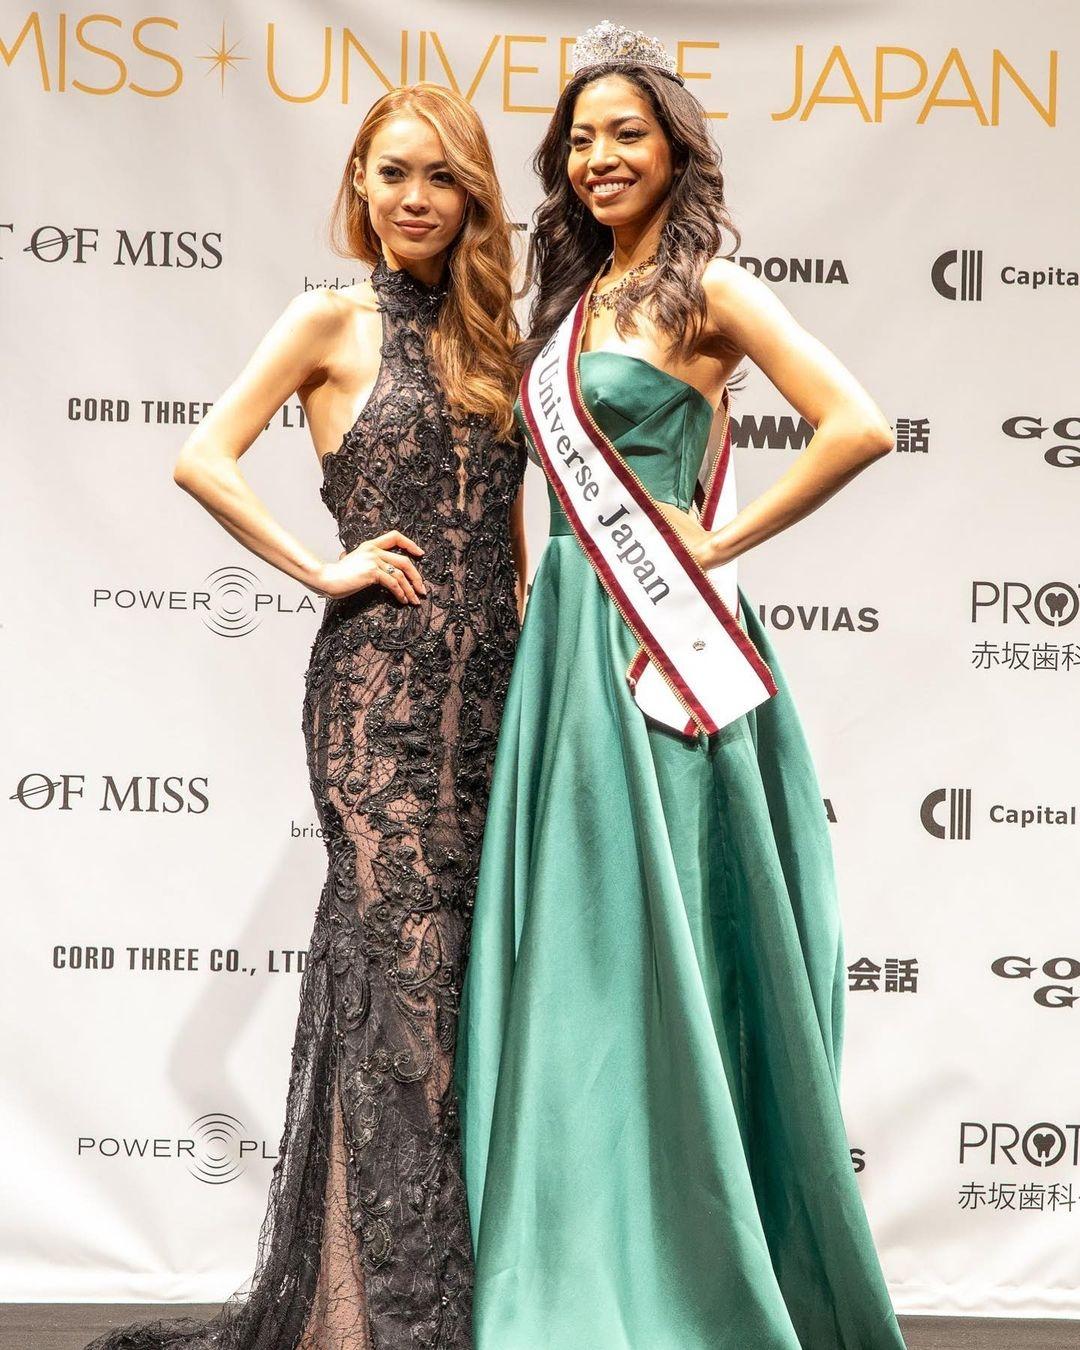 Hiroko Mima Miss Universe Japan 2008